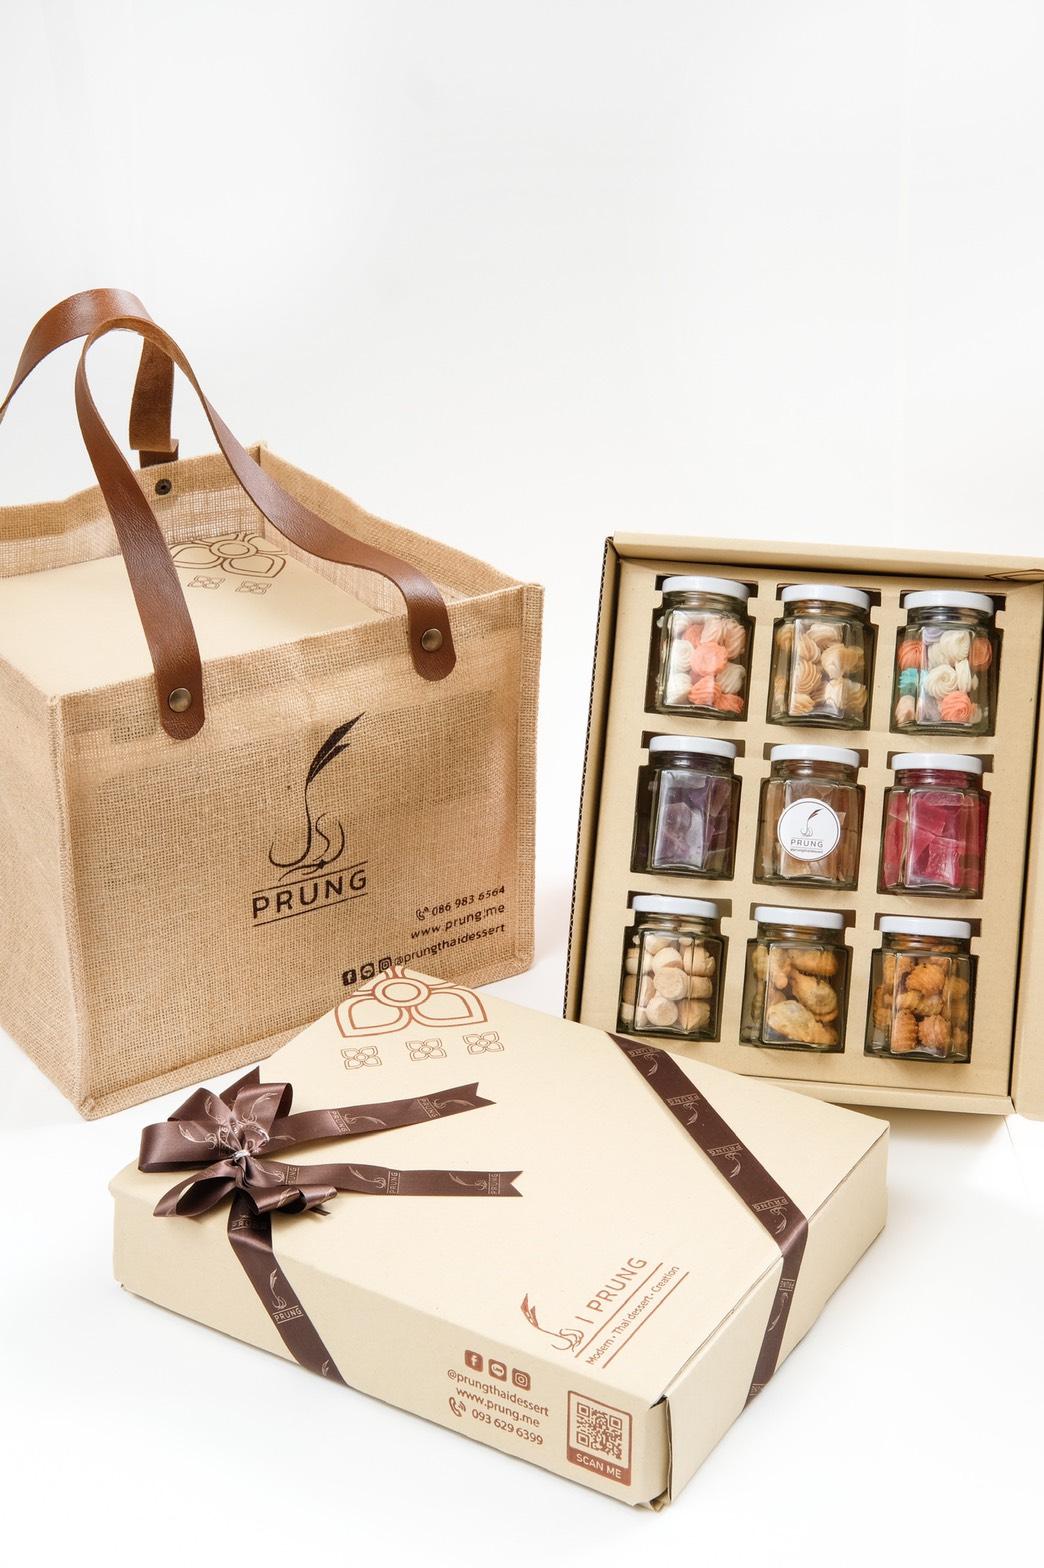 กล่องของขวัญขนมแห้ง 9 กระปุก(2กล่อง) พร้อมกระเป๋าหูหนัง